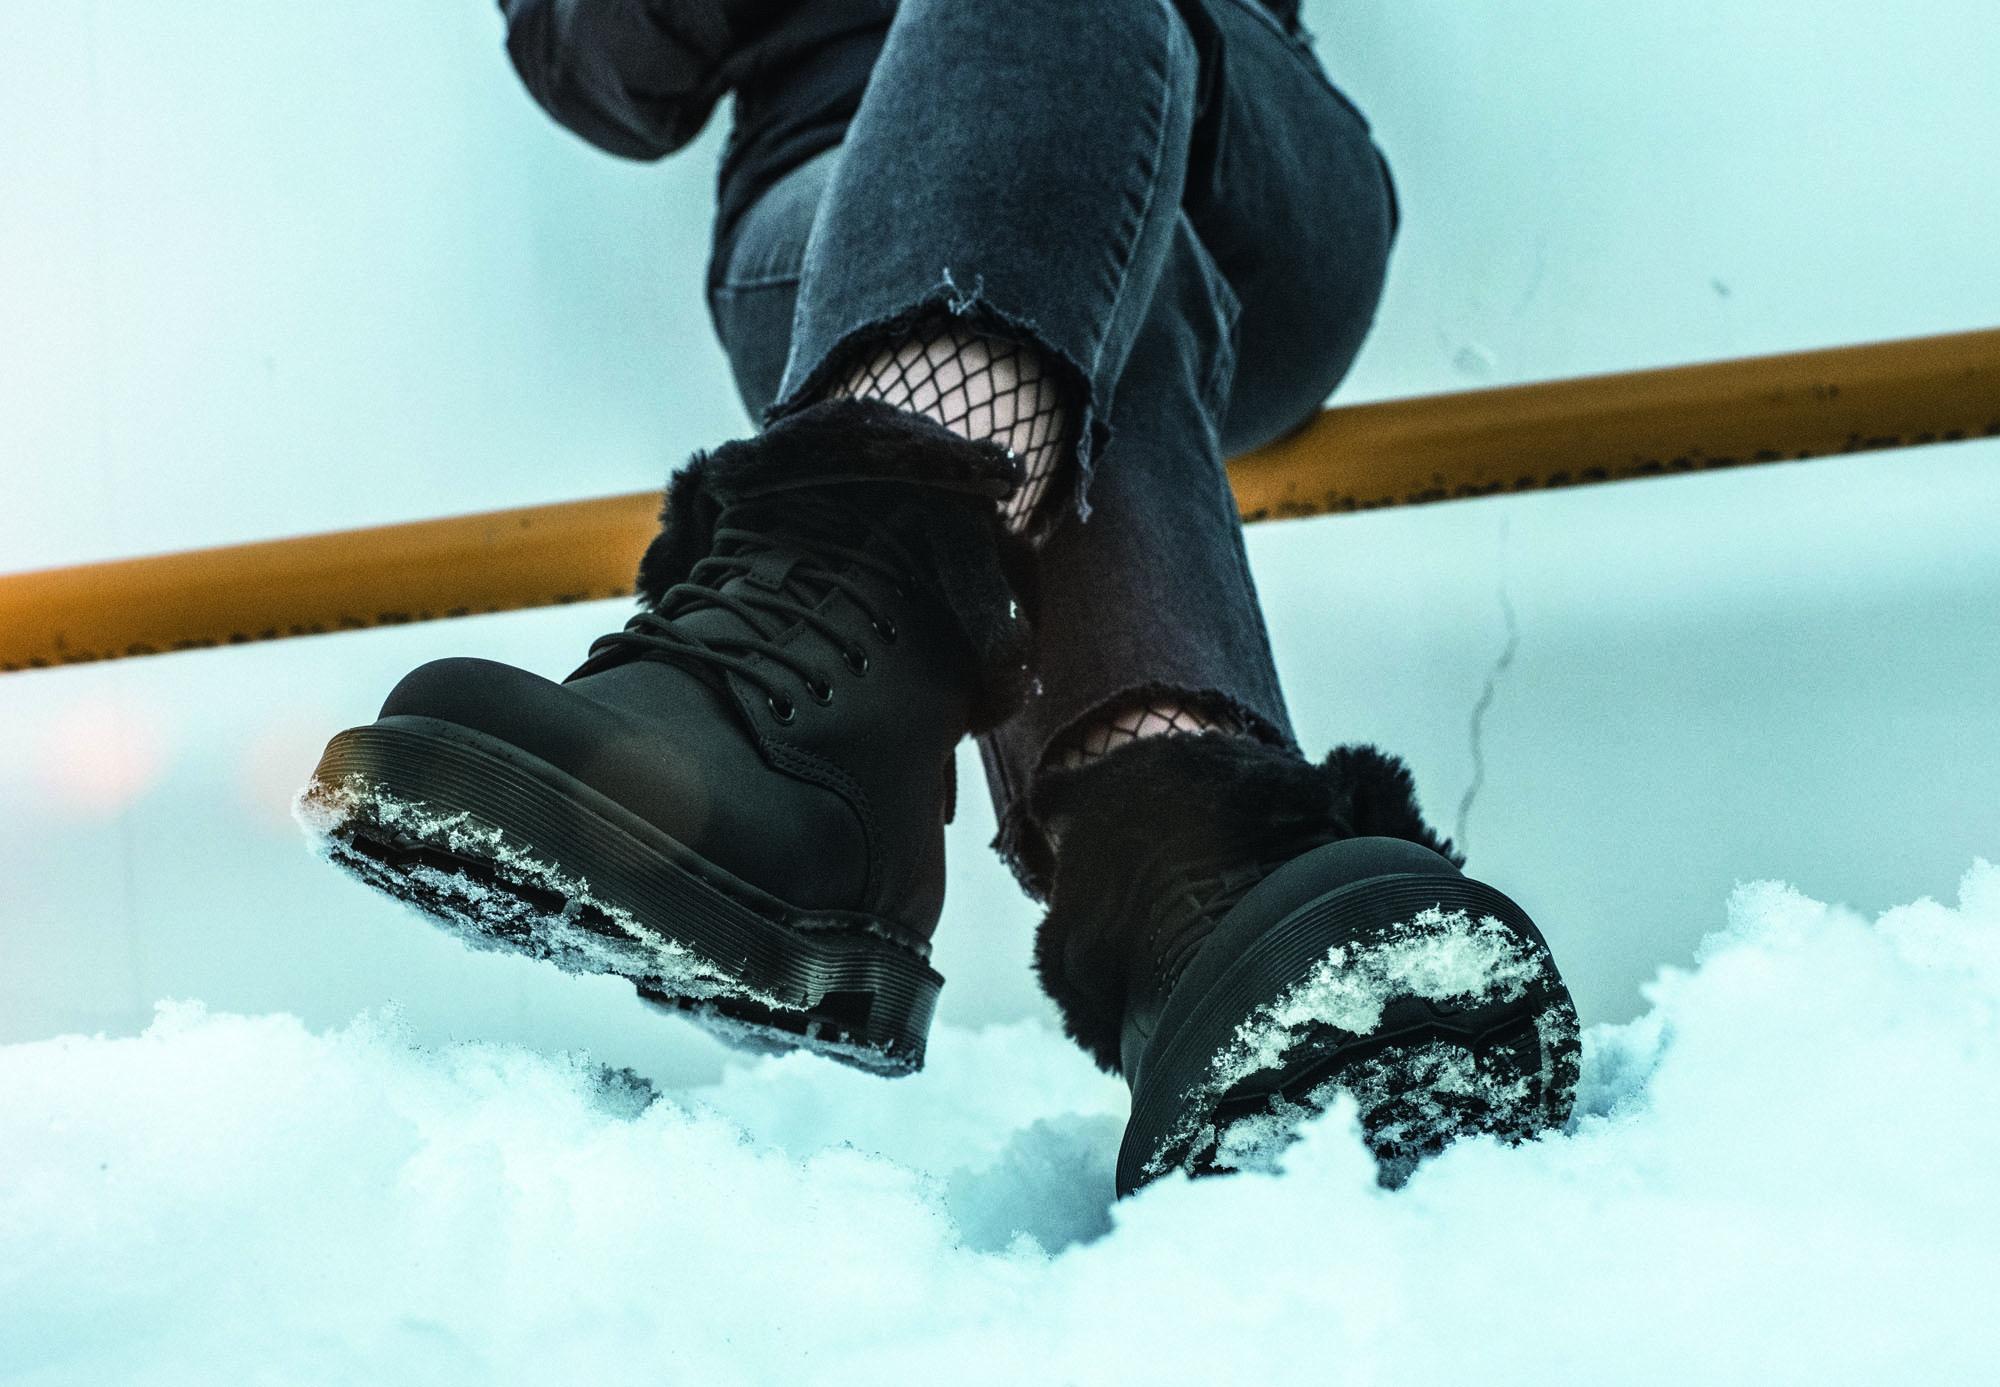 Dr. Martens för skandinavisk vinter. Wintergrip ska tåla